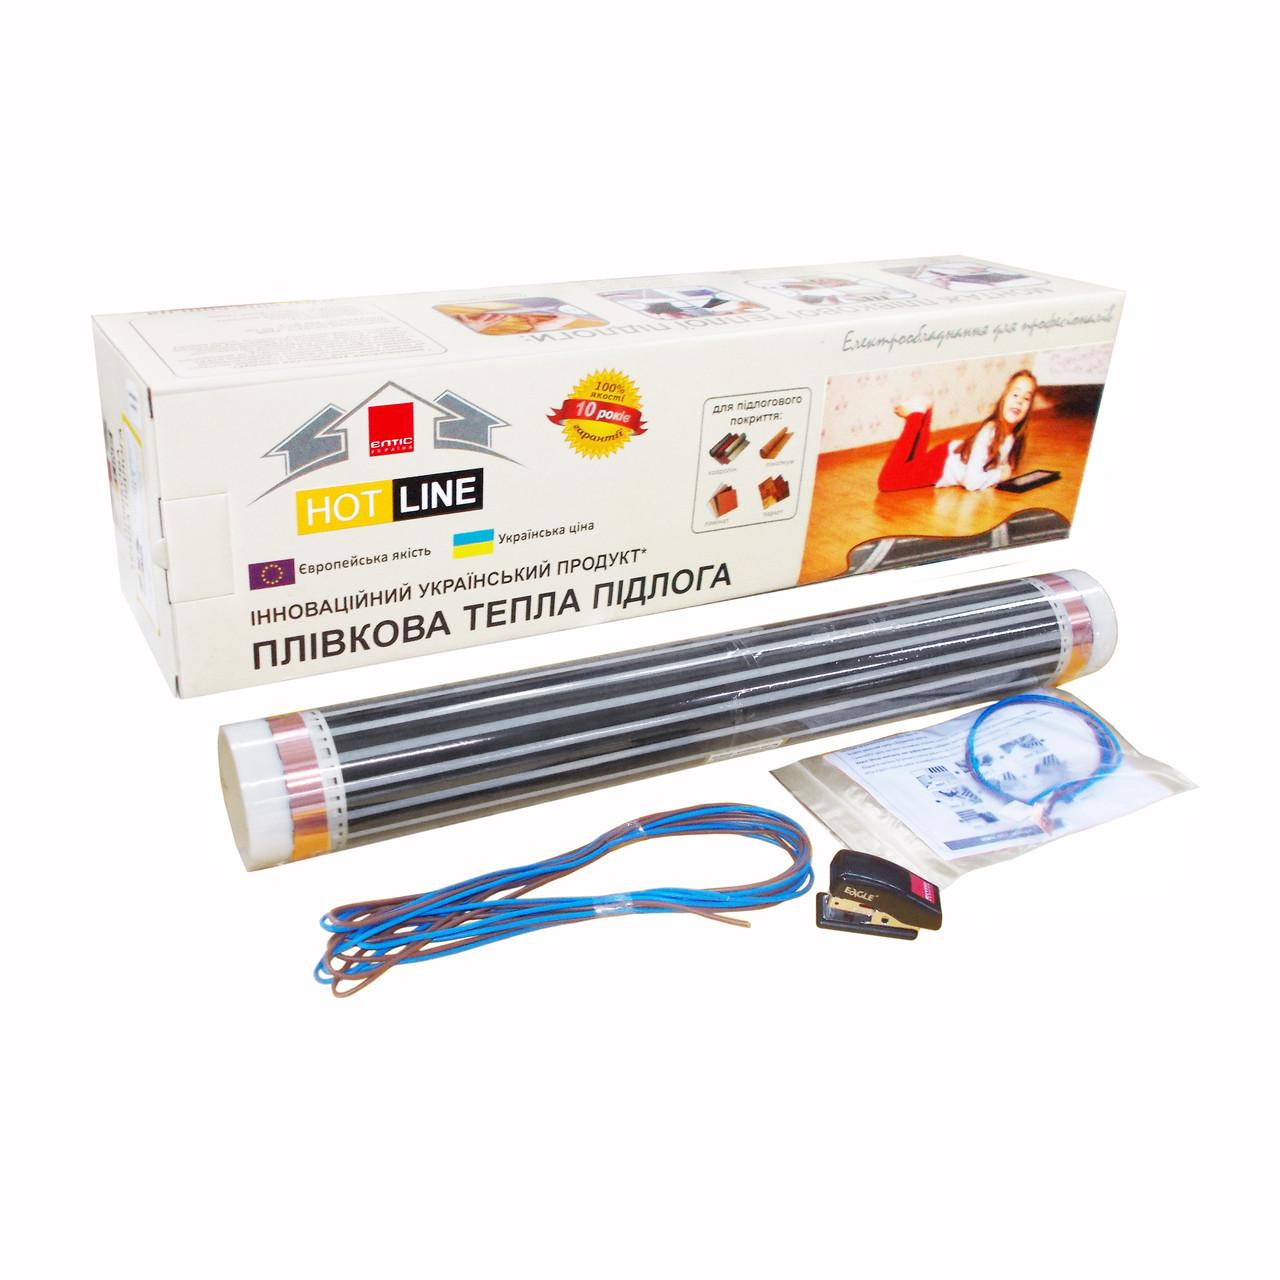 Пленочный пол HOT LINE ПП-13 (0,5х26м) Элтис Украина